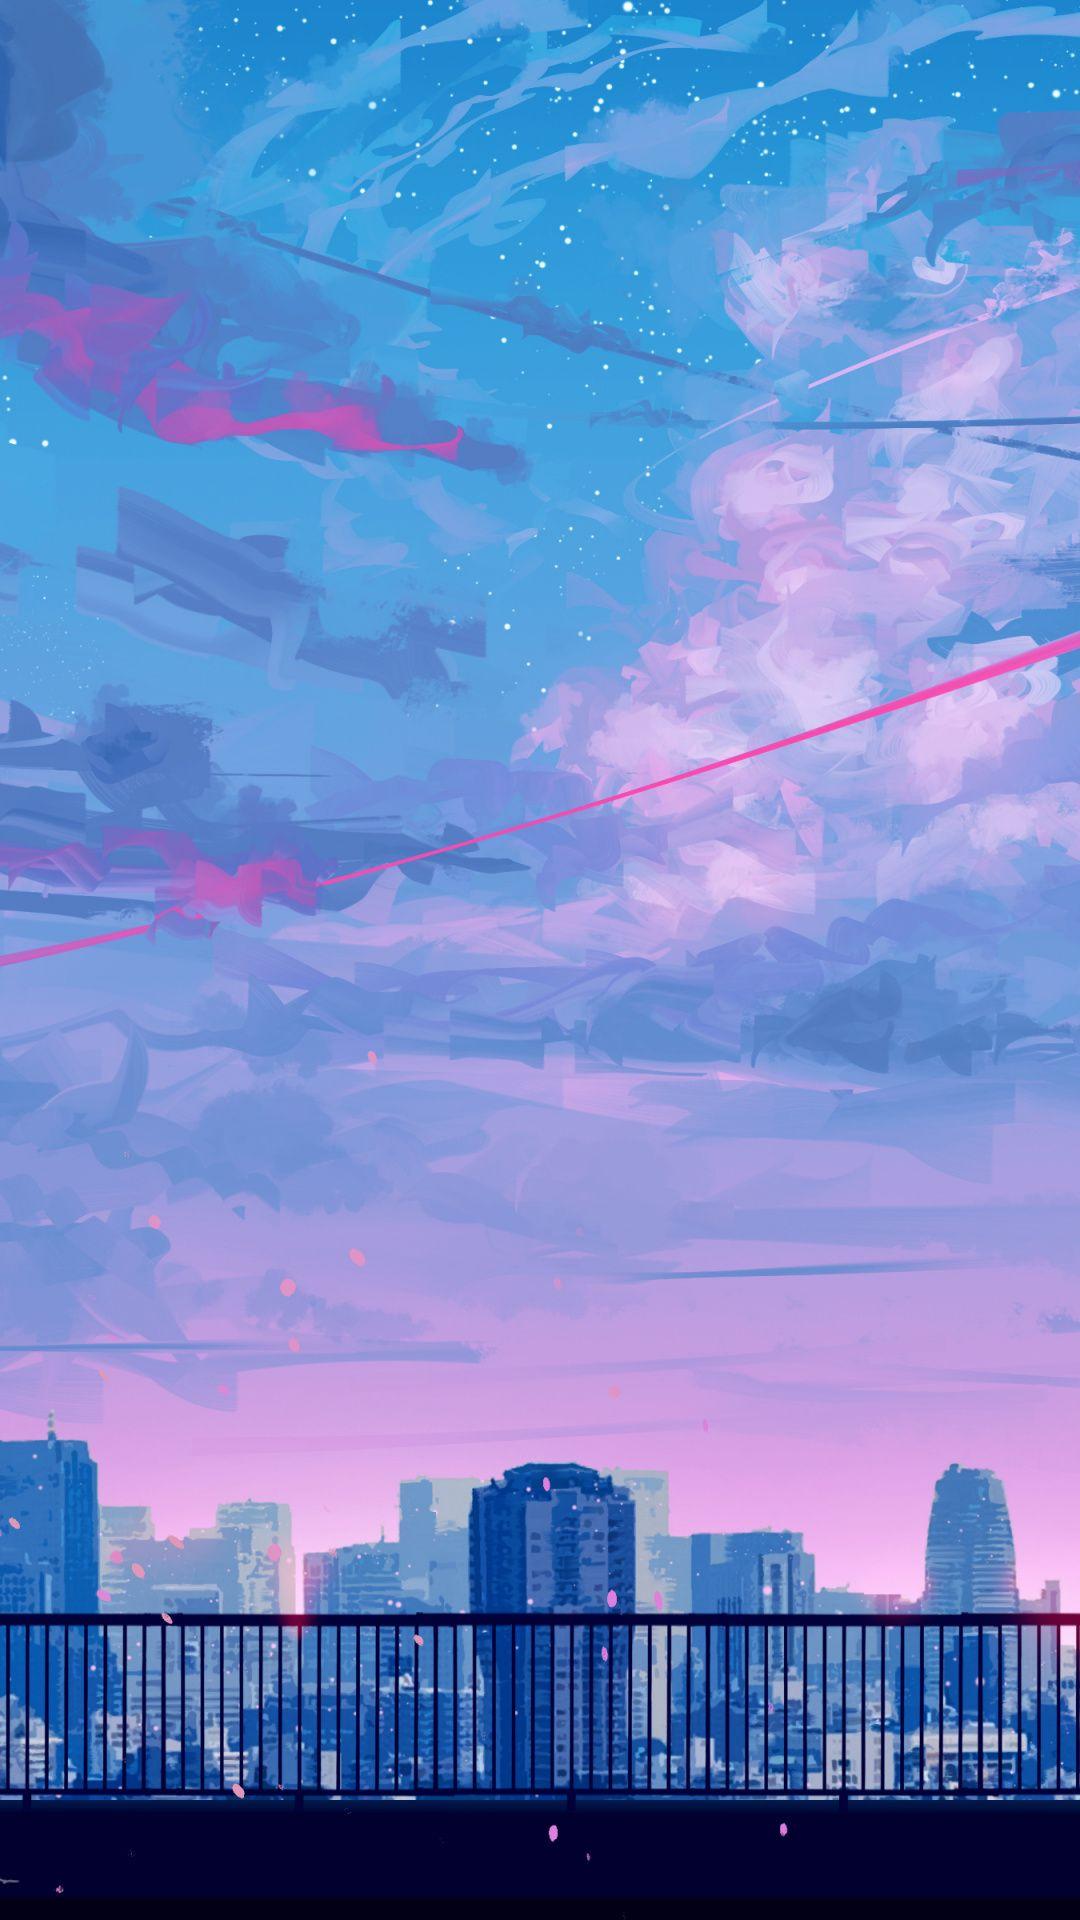 letsgohomecityscaperideart.jpg 1,080×1,920 pixels